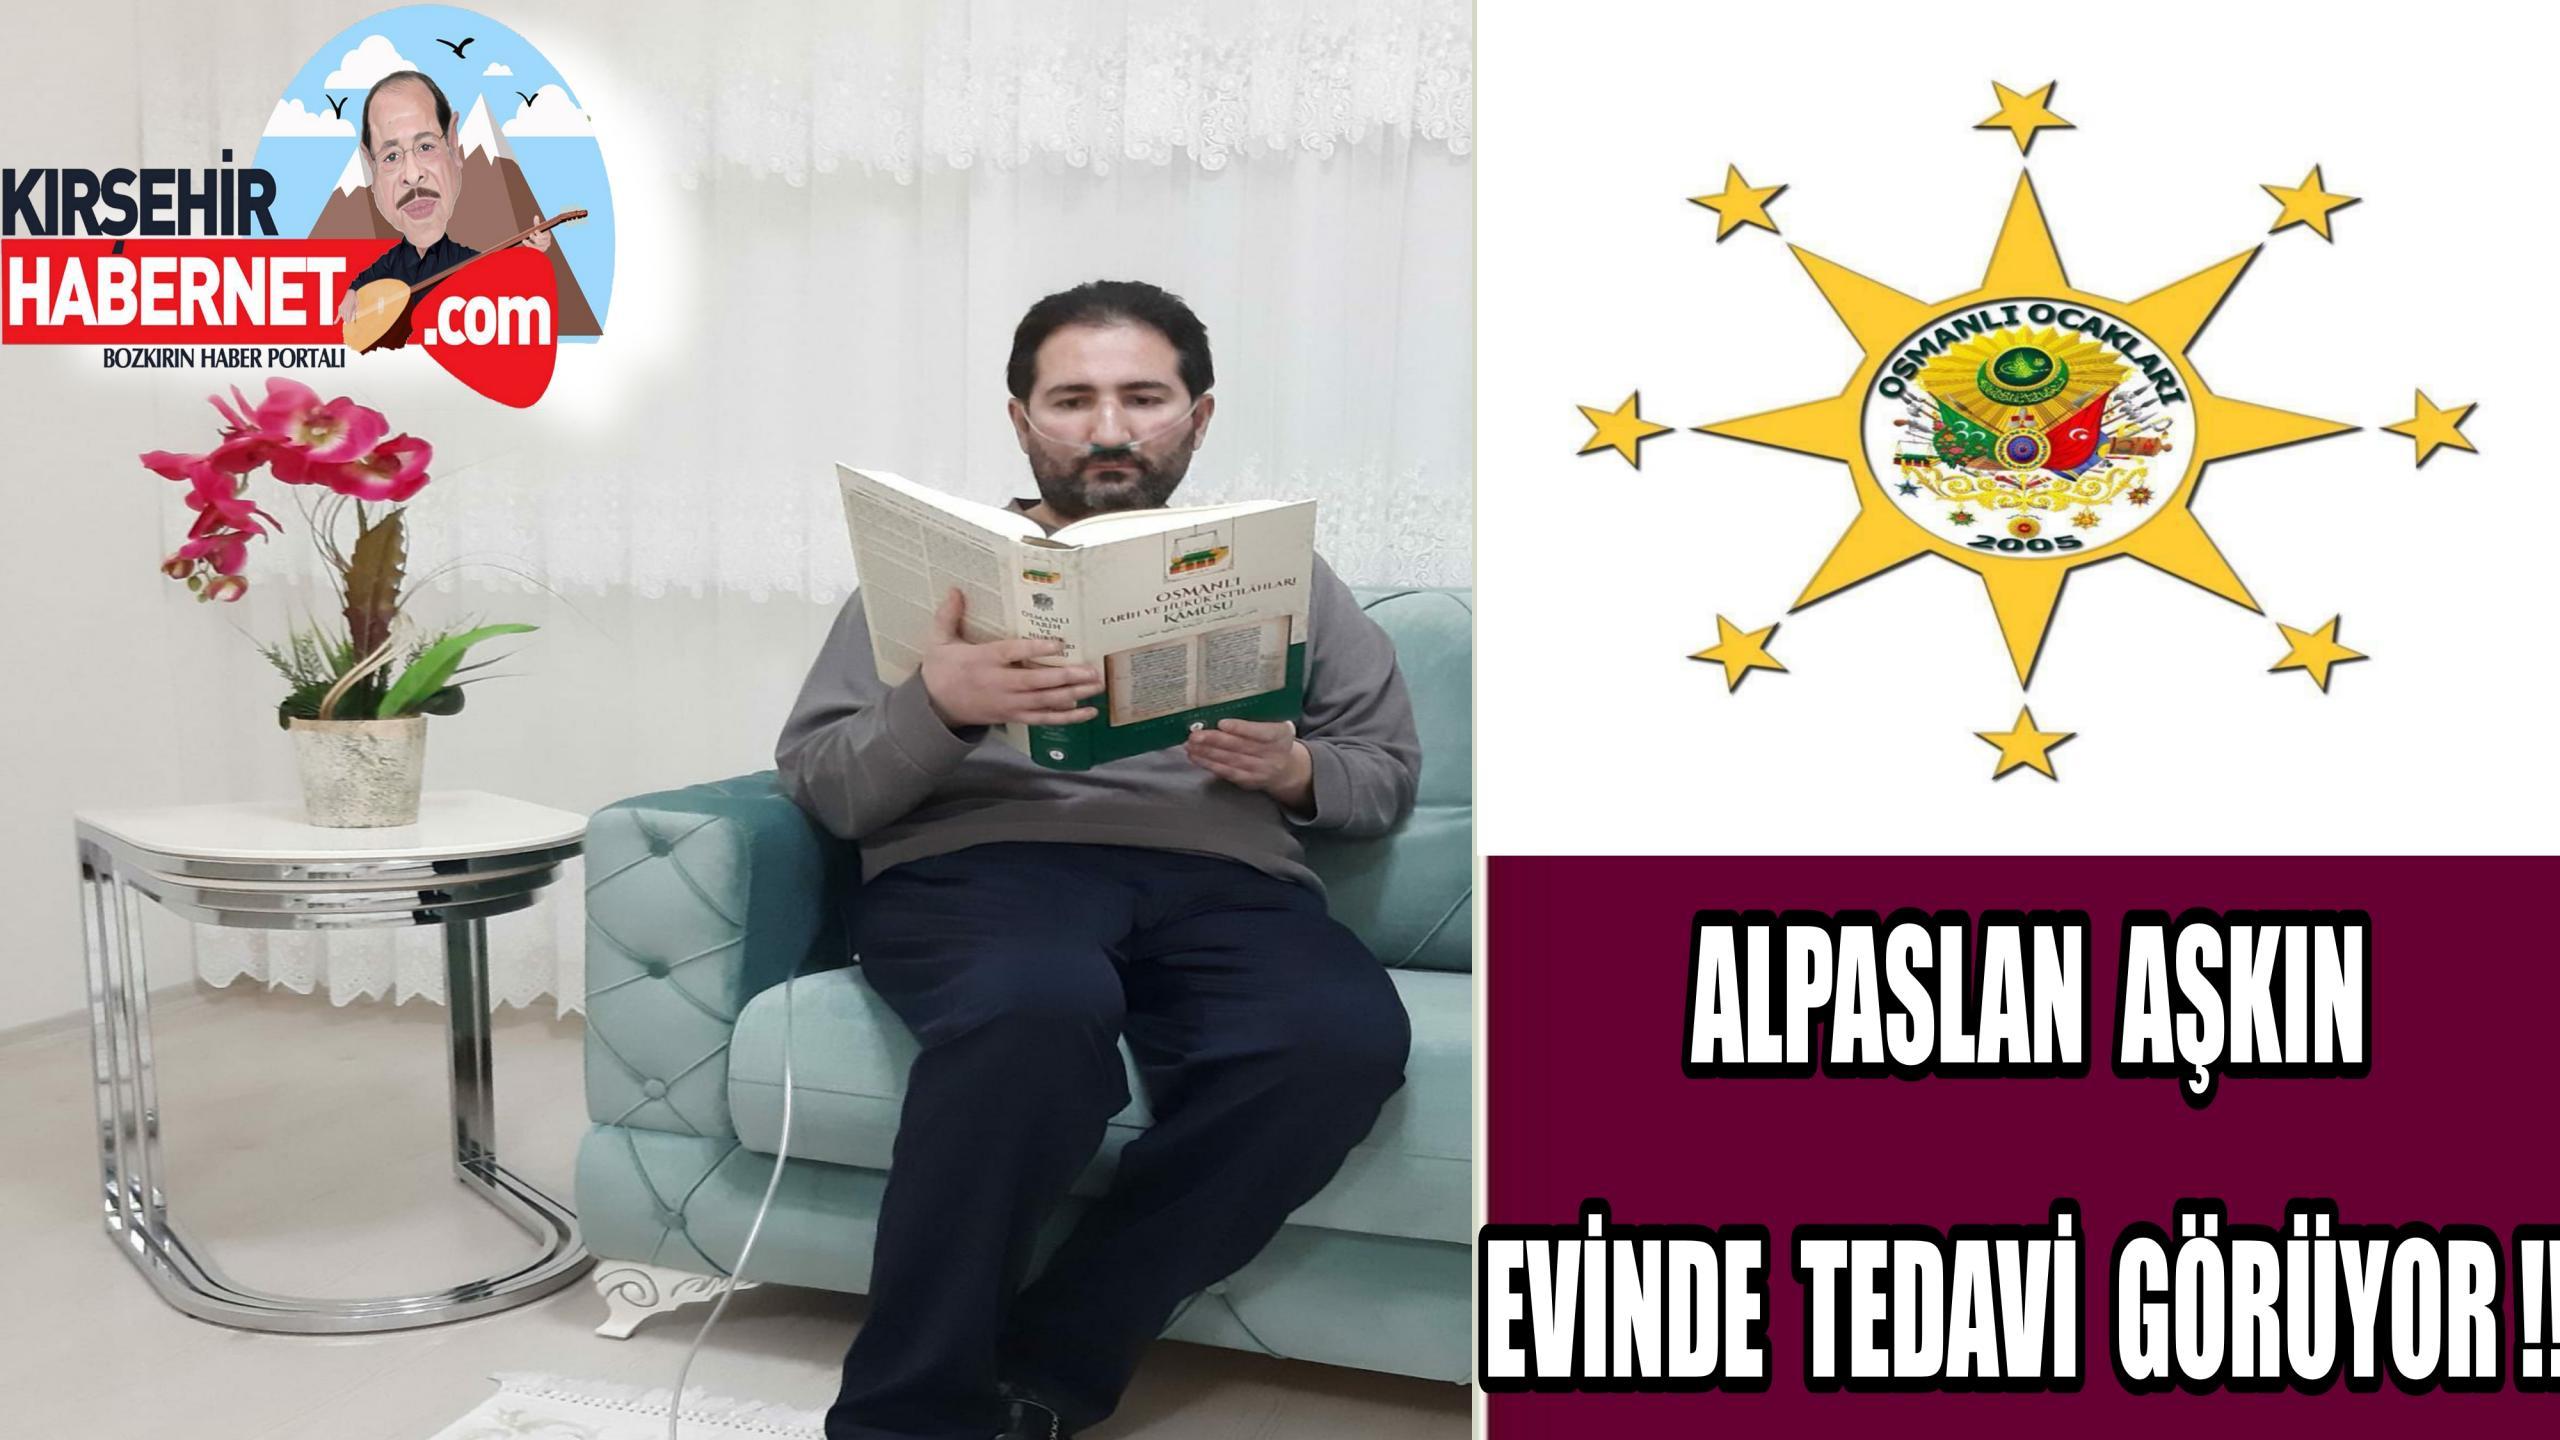 CORANAVİRUS TEDAVİSİ EVİNDE SÜRÜYOR !!